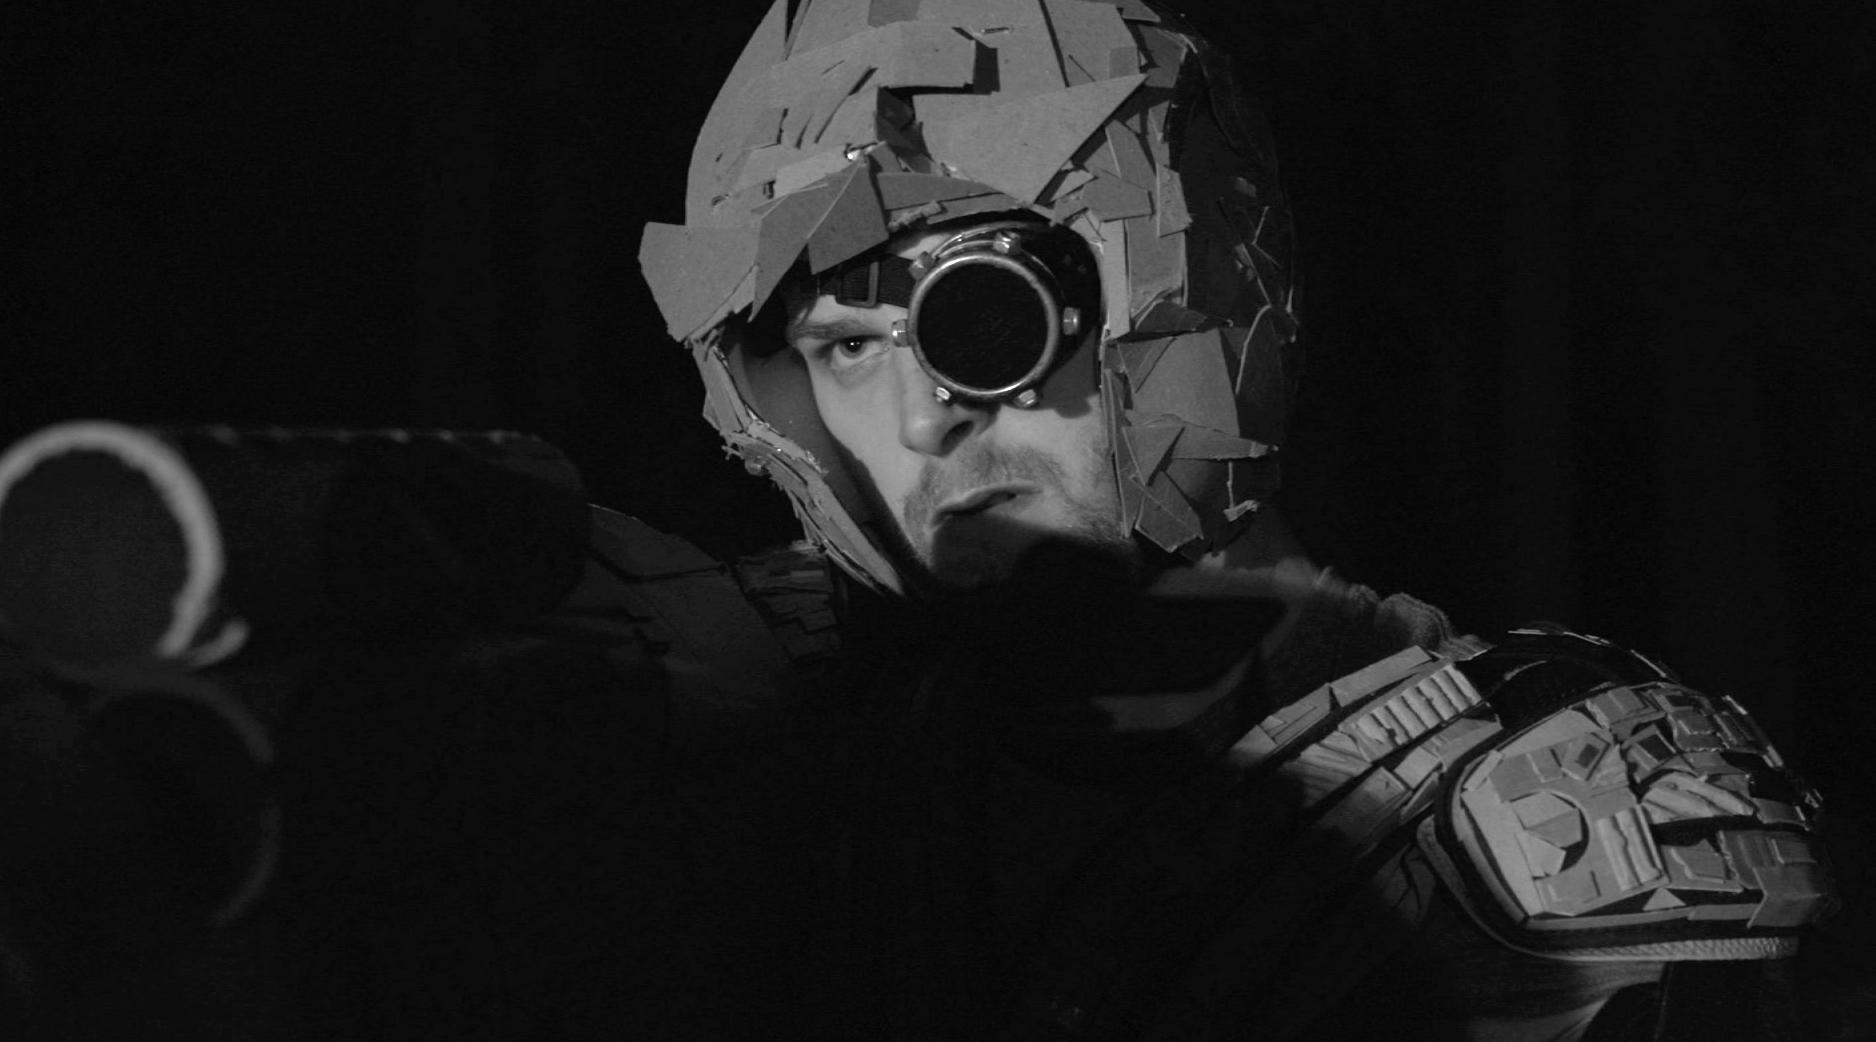 Jordan Funk - The Spaceman